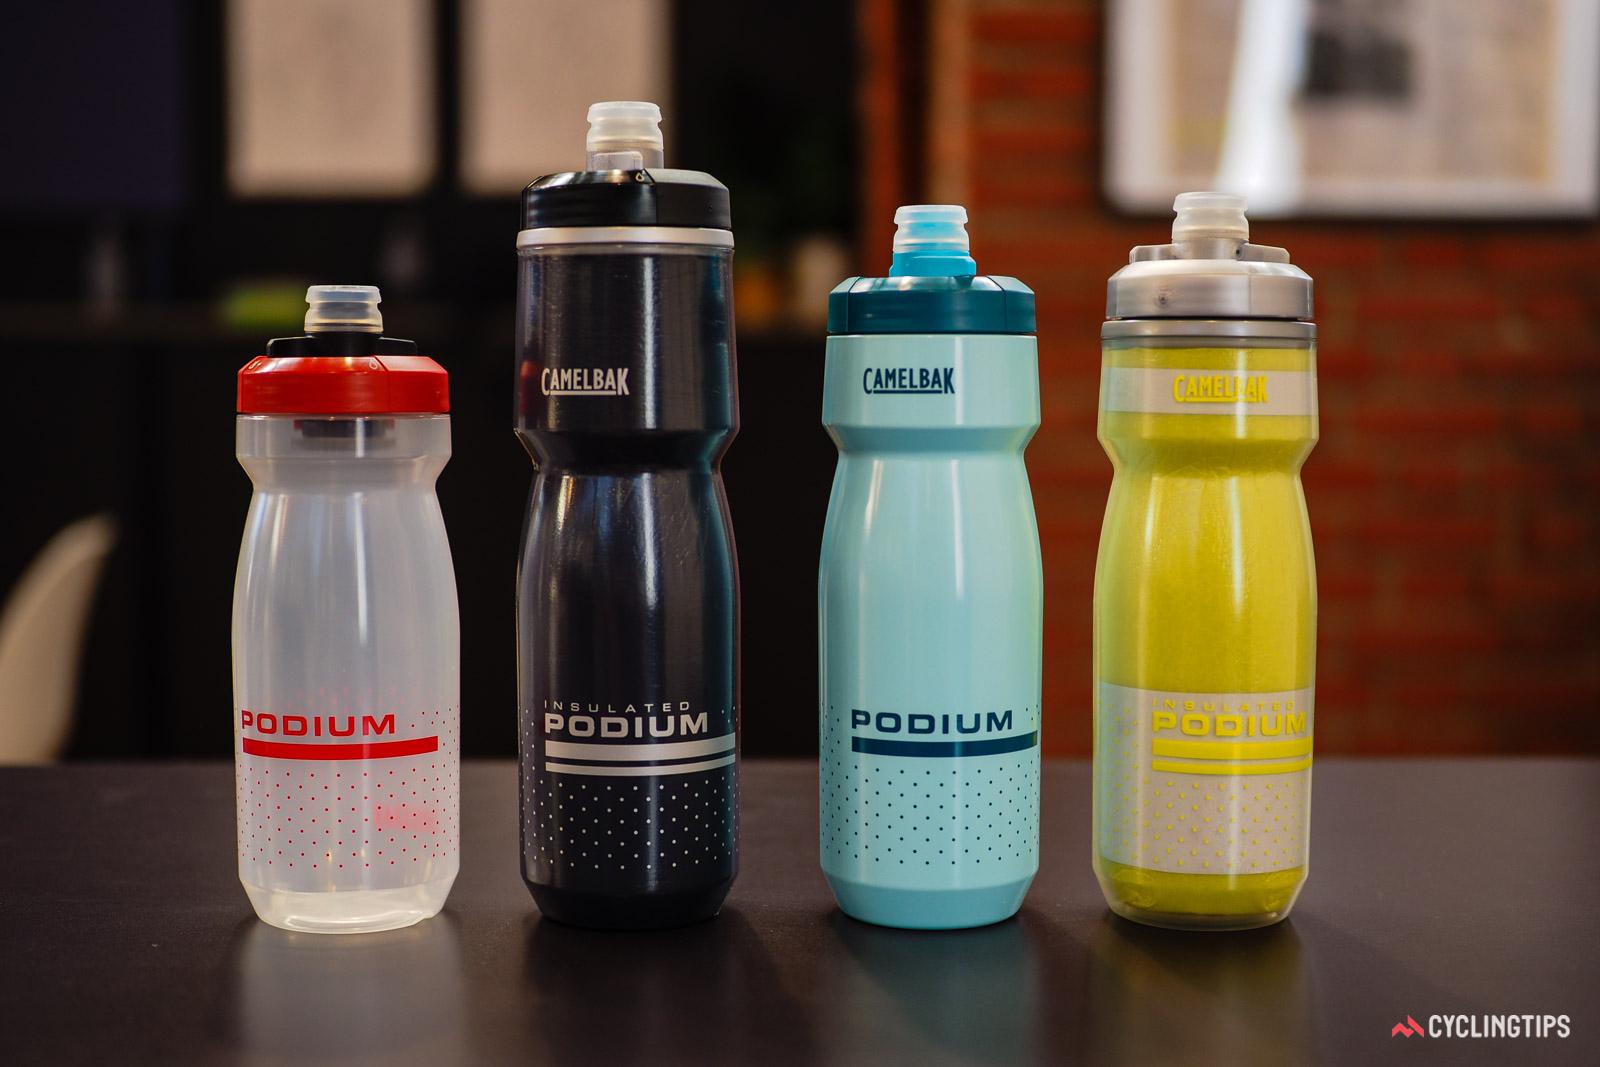 Cómo limpiar tus botellas de agua en bicicleta